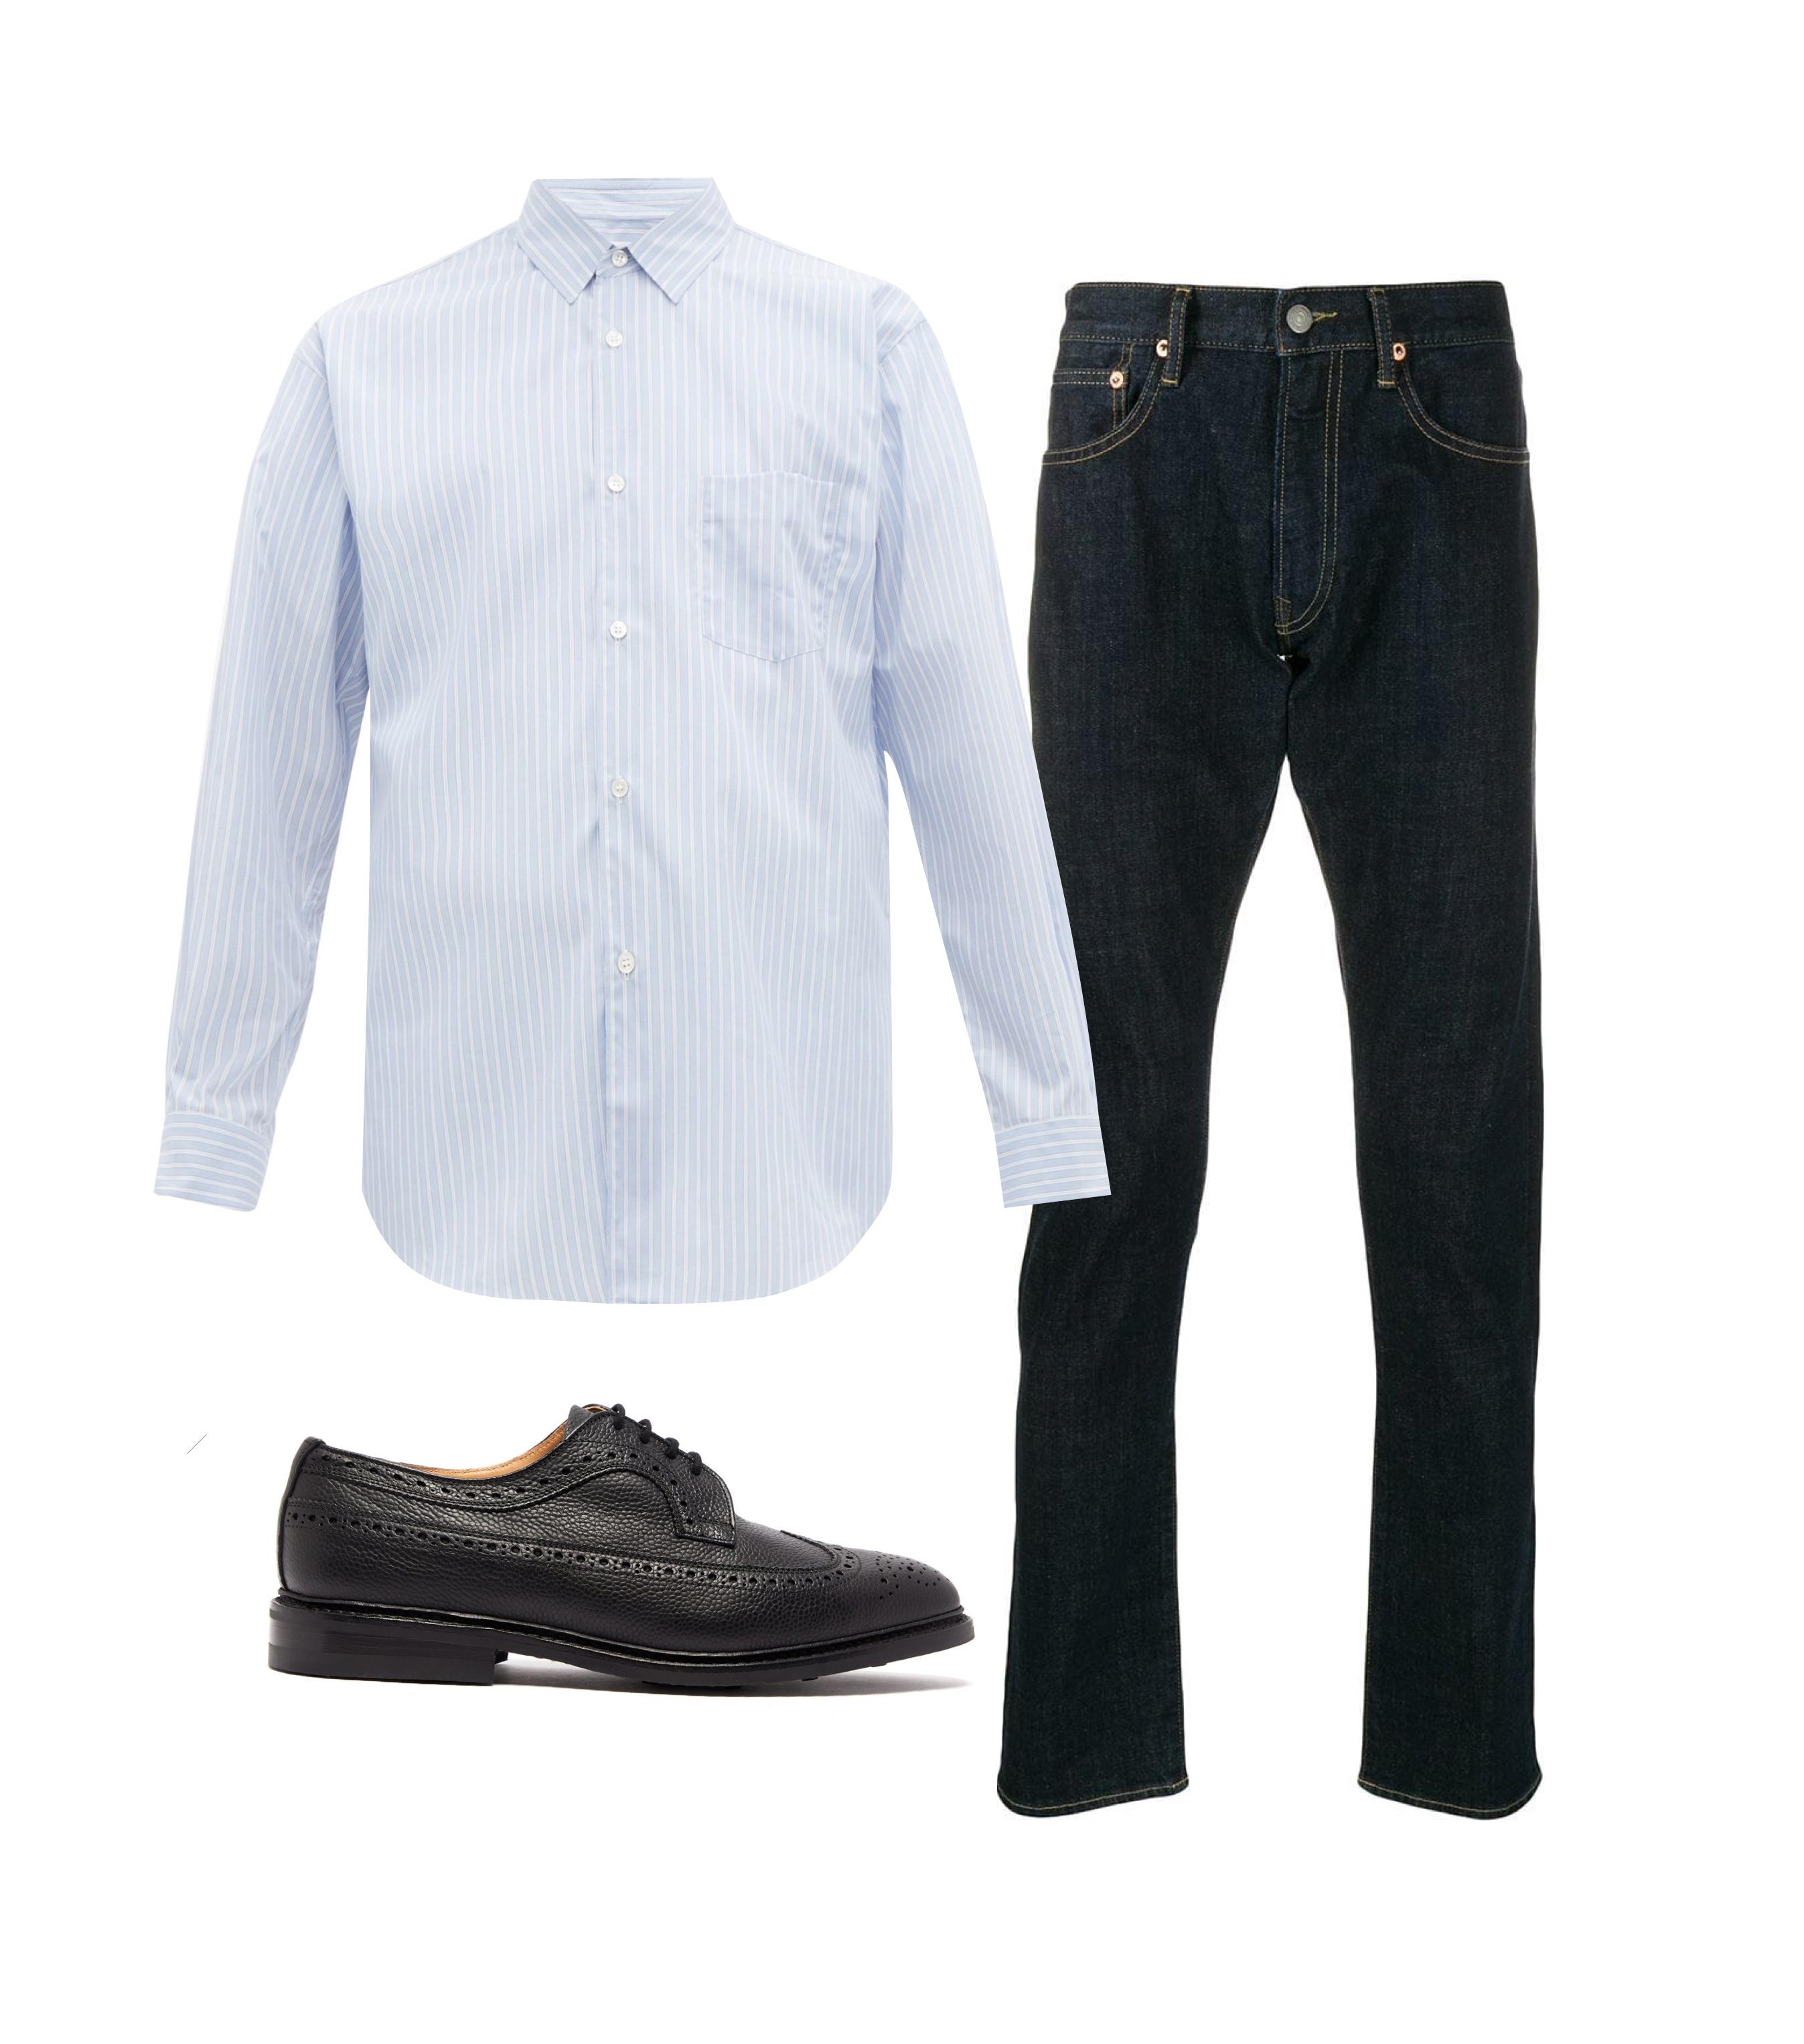 Джинсы Polo Ralph Lauren, 8022 рублей; рубашка Comme des Garçons Shirt, $300; обувь Tricker's, $452